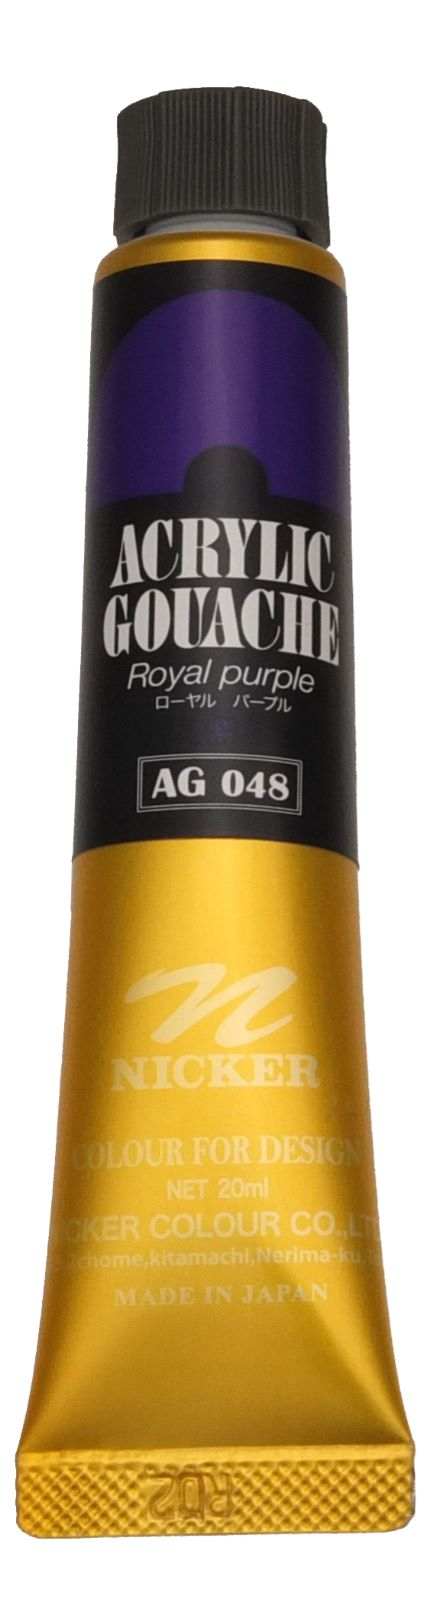 ACRYLIC GOUACHE 20ml AG048 ROYAL PURPLE